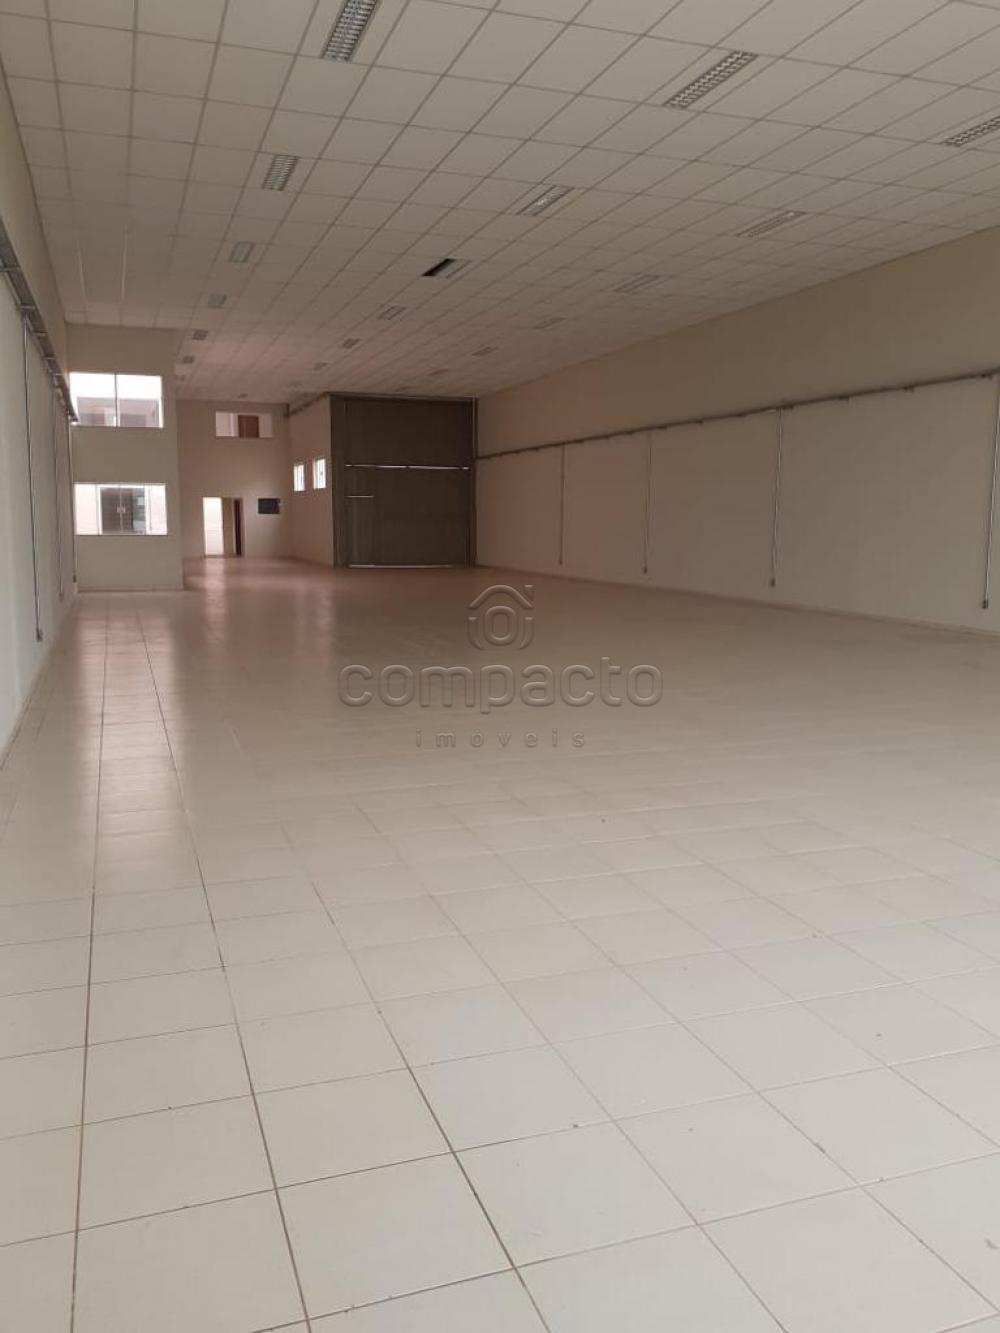 Alugar Comercial / Salão em Bady Bassitt apenas R$ 5.000,00 - Foto 3